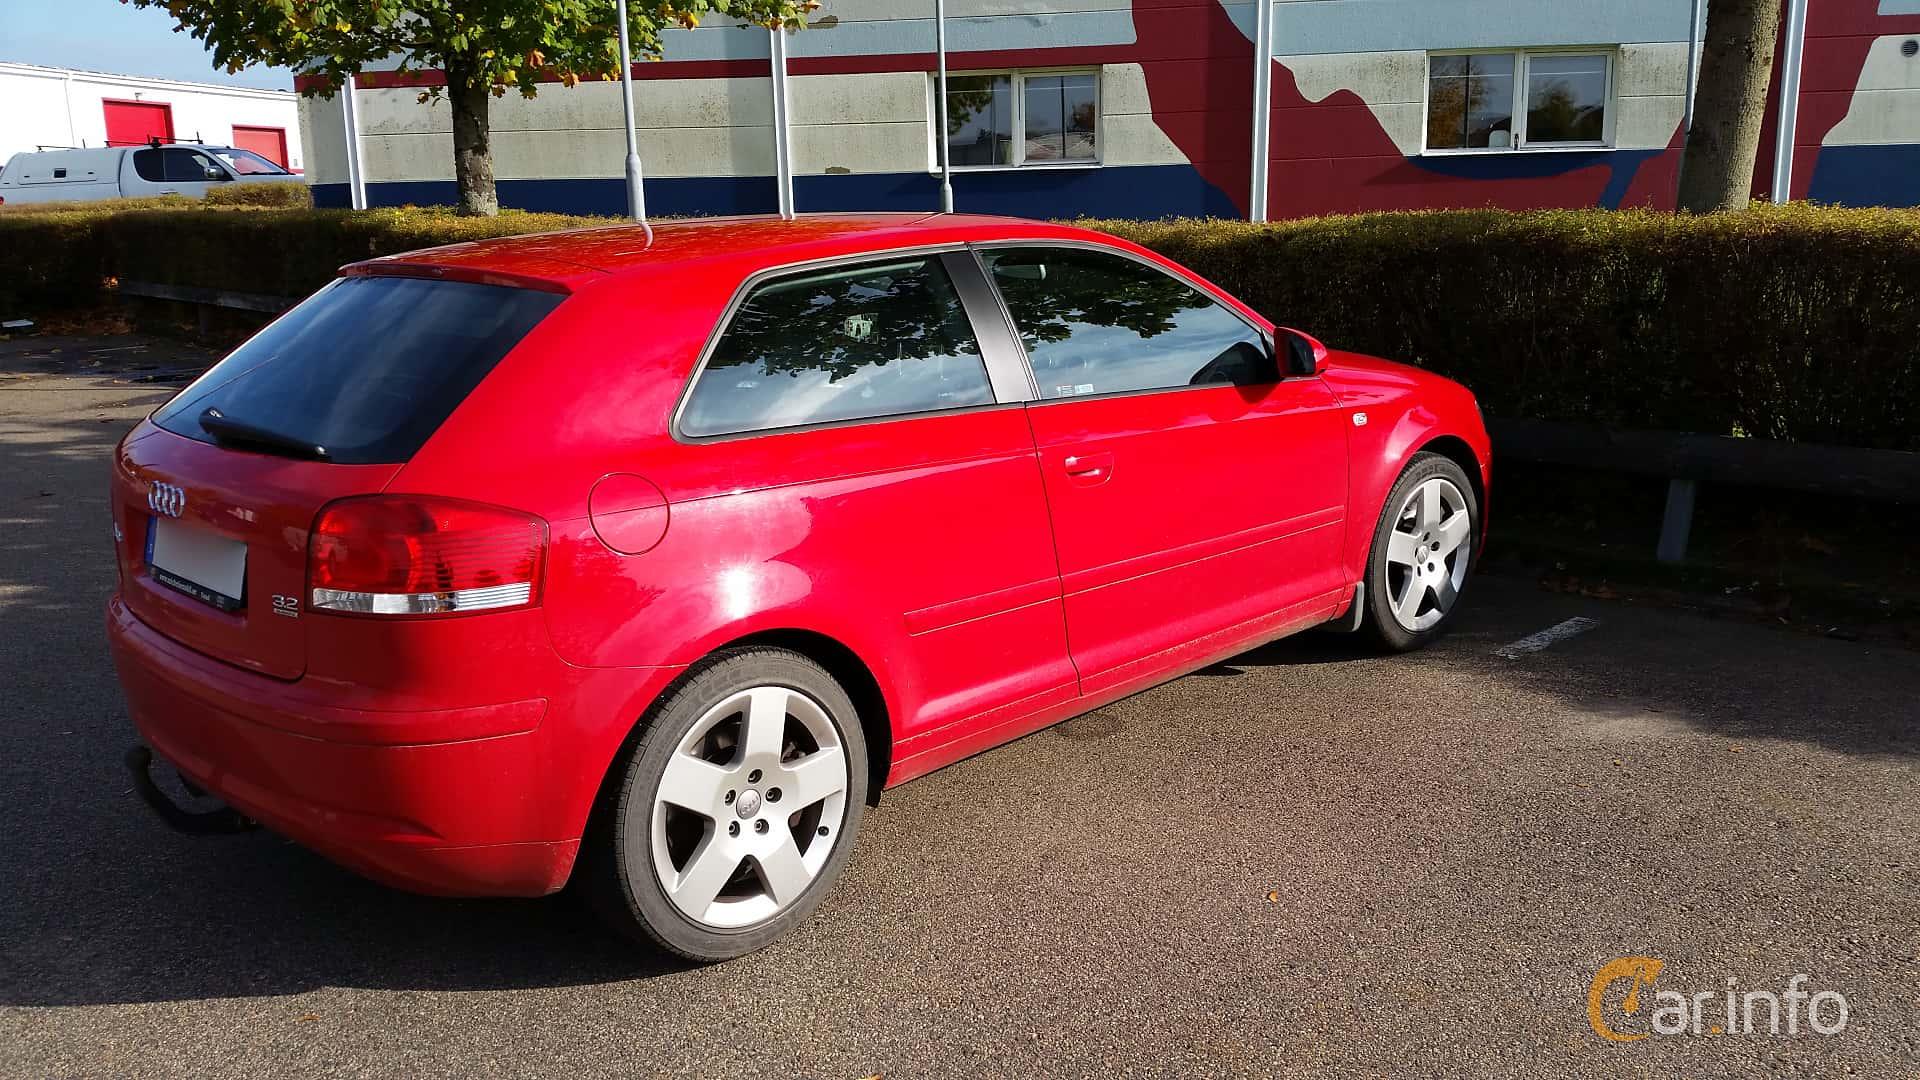 Kelebihan Audi A3 3.2 Quattro Tangguh